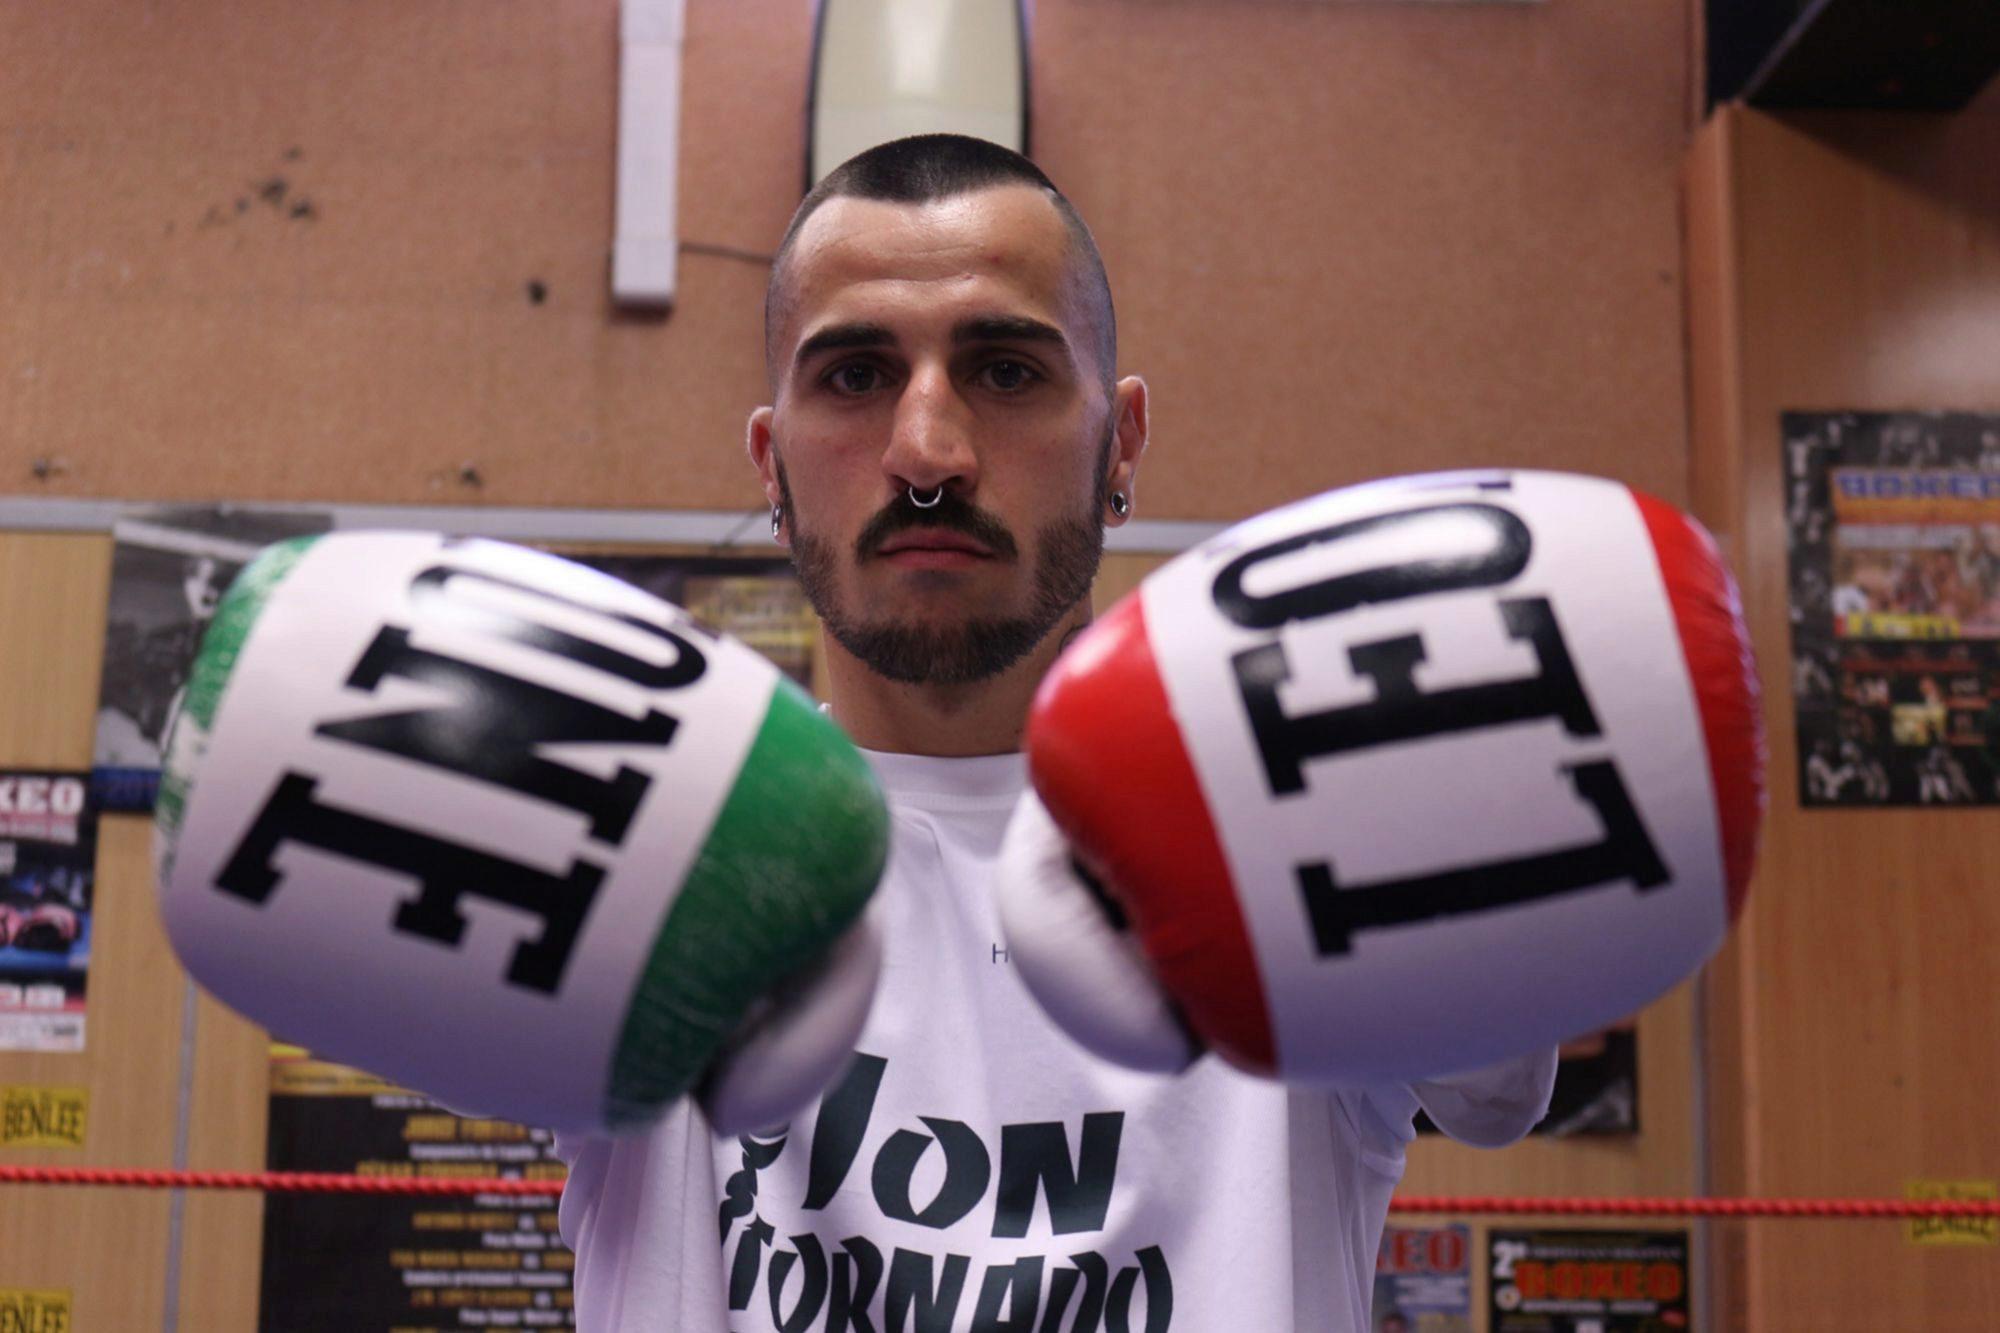 """Jon """"Tornado"""" Martínez prepara su pelea del 6 de julio en el Trui Teatre."""